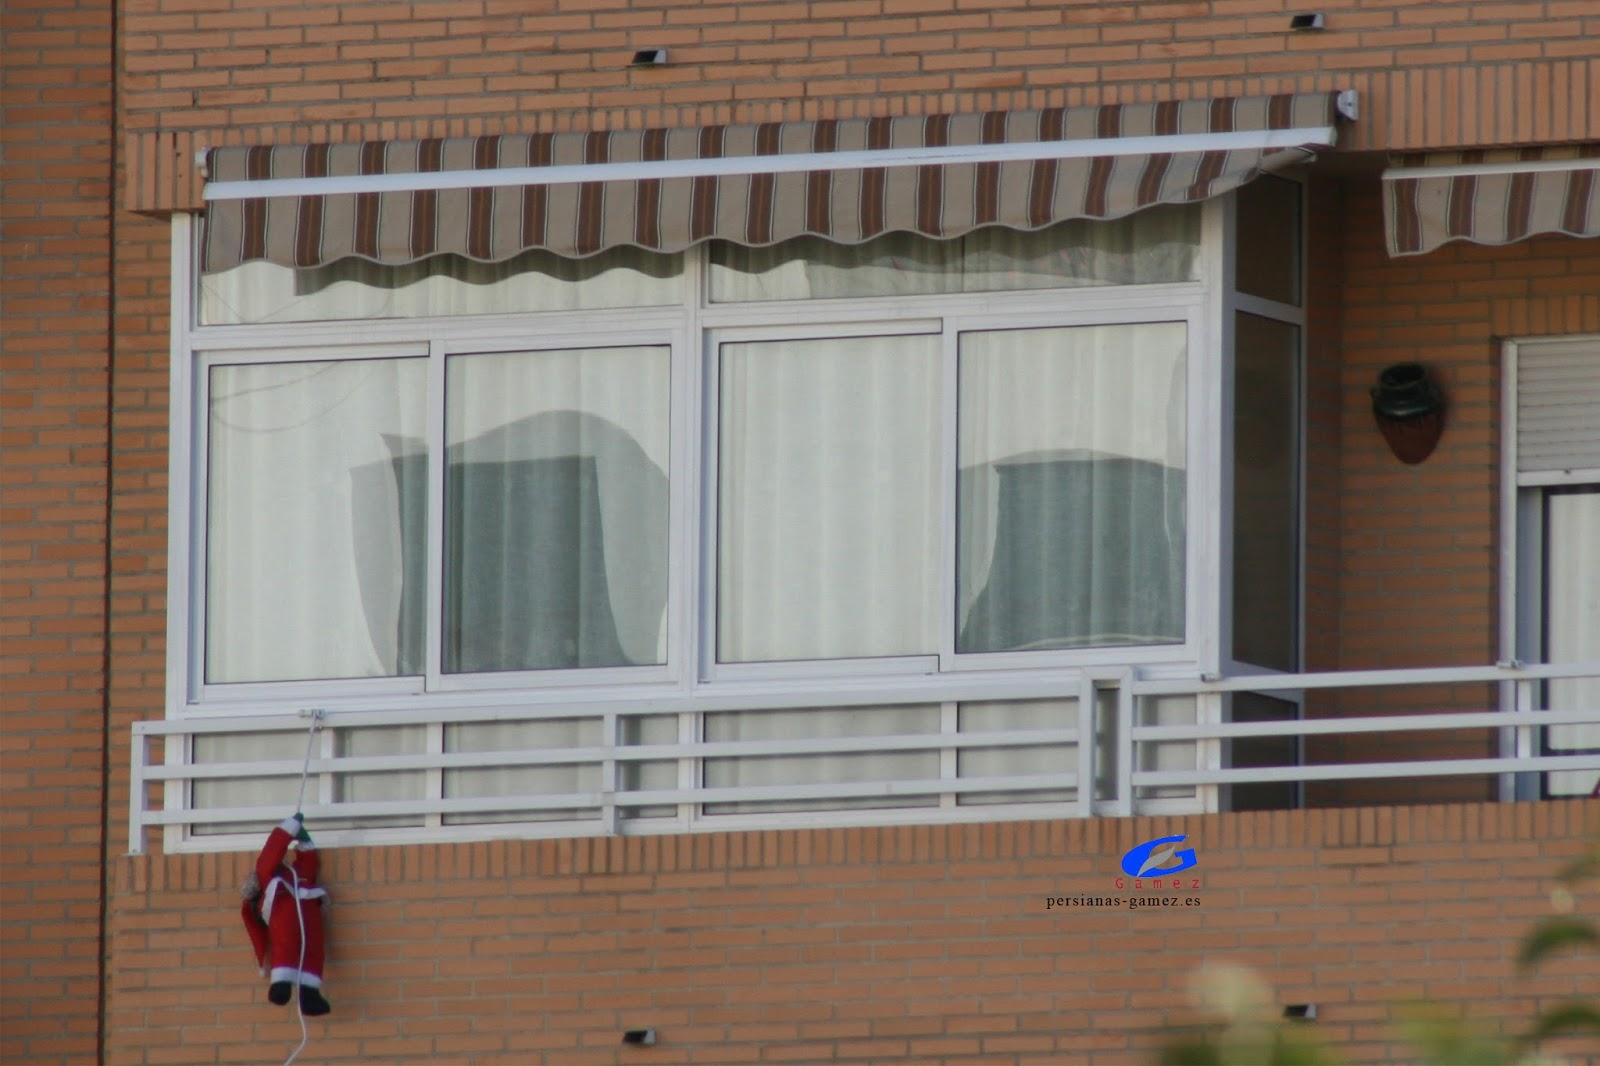 Cerramientos De Balcones Cerramientos En Huelva Venku 959 873 - Balcones-aluminio